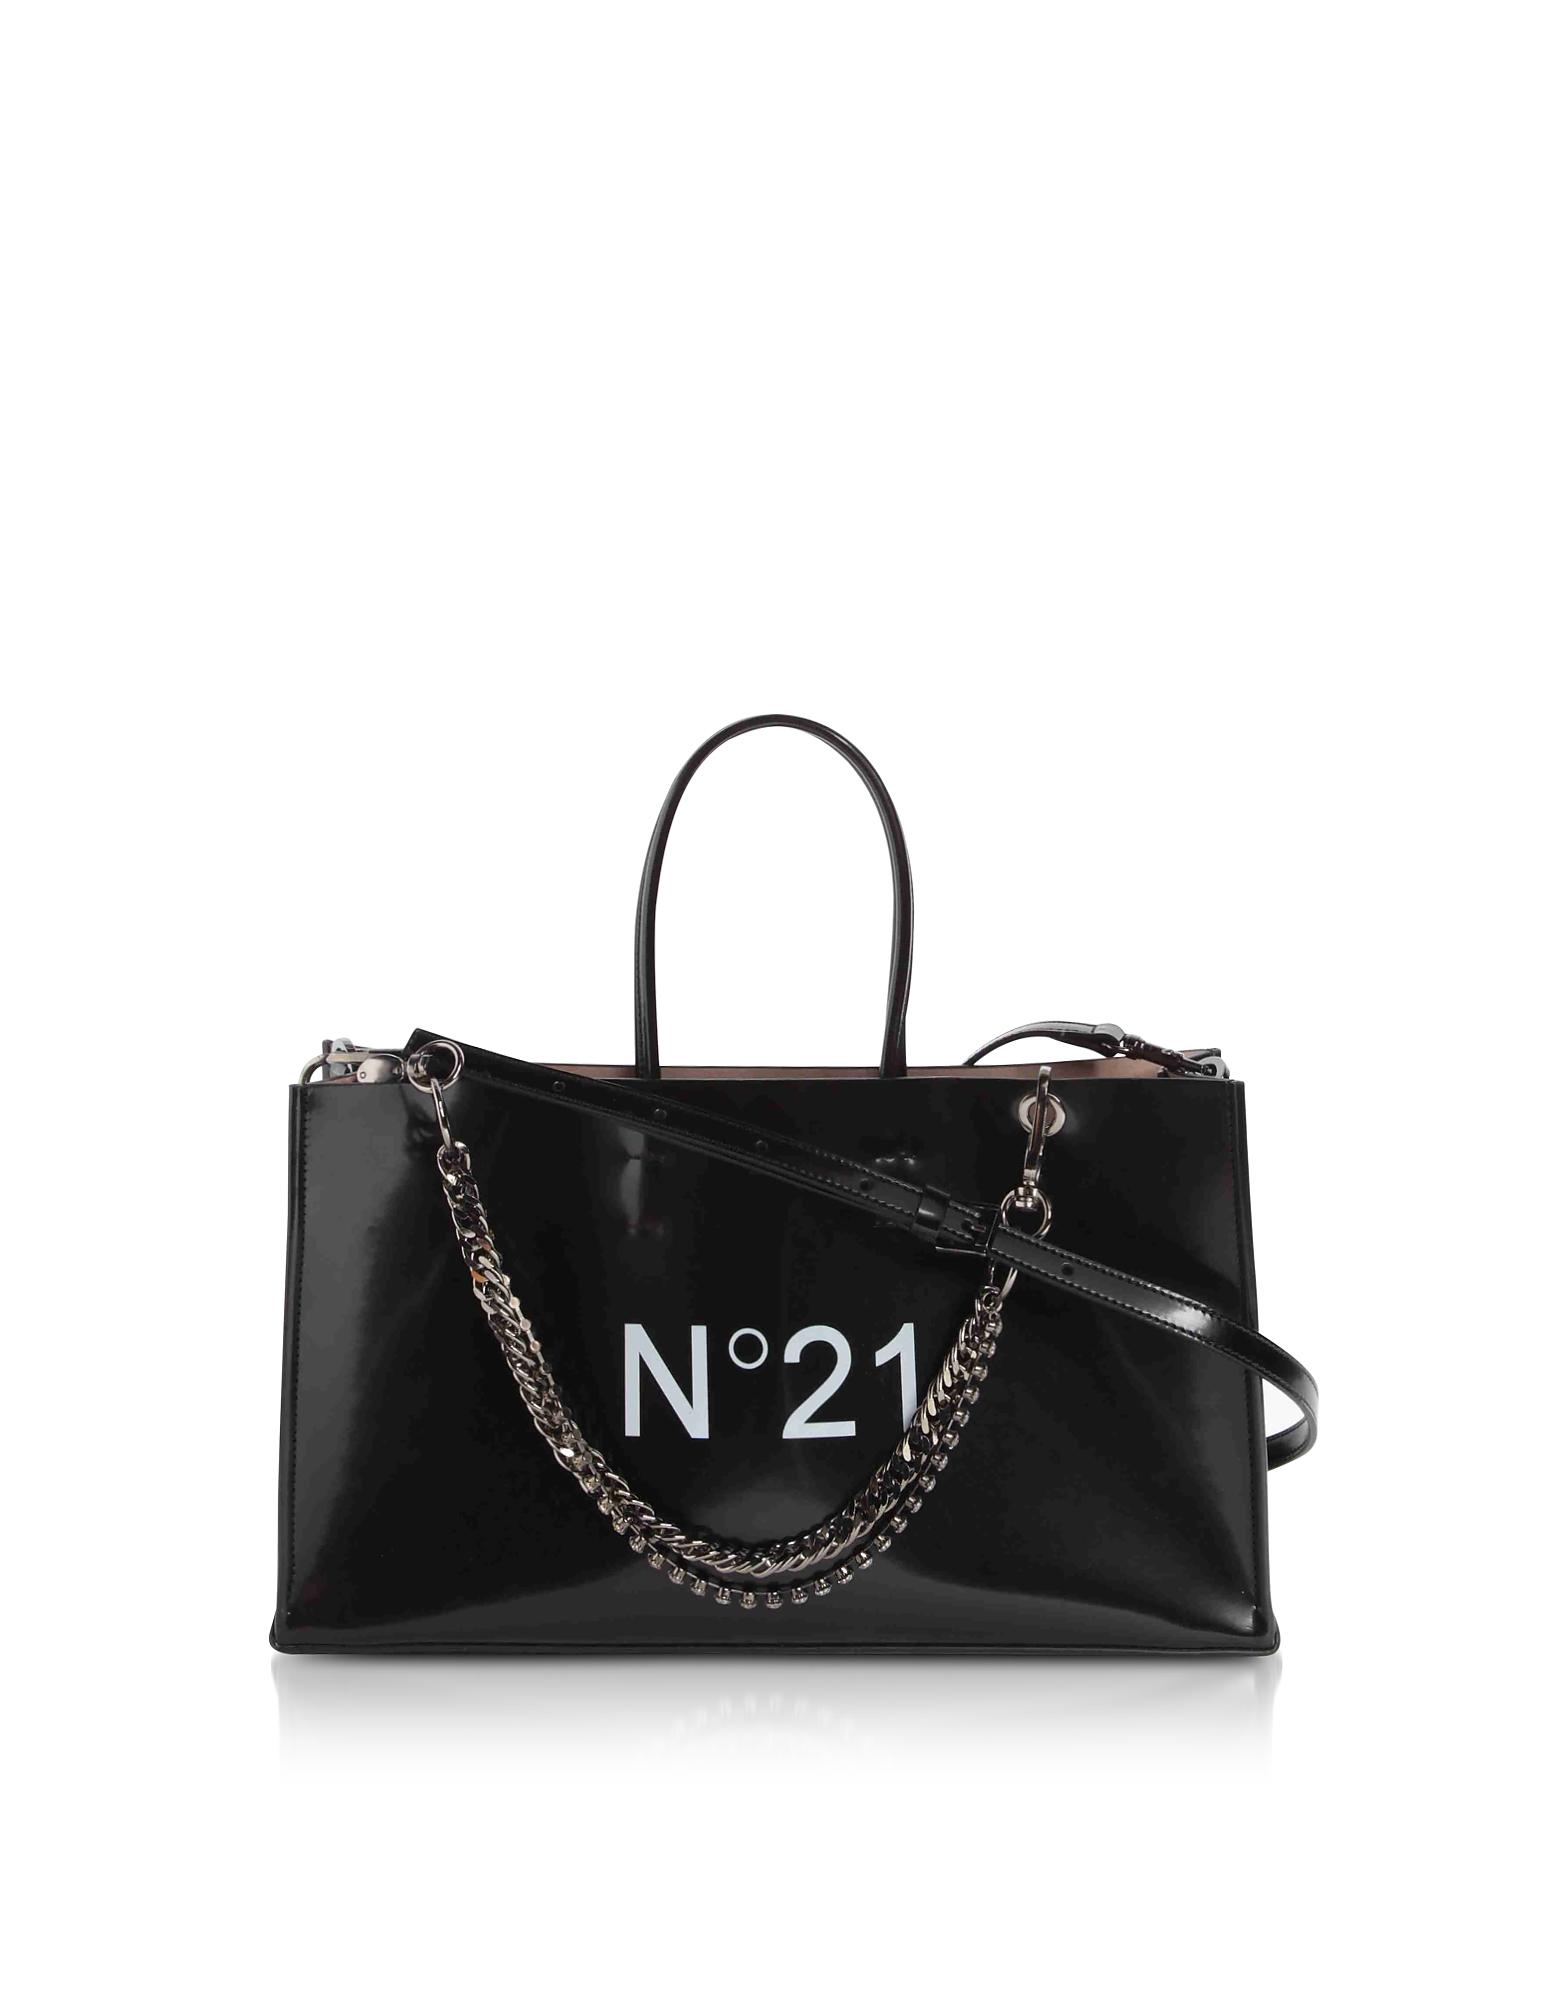 Black Signature E/W Tote Bag